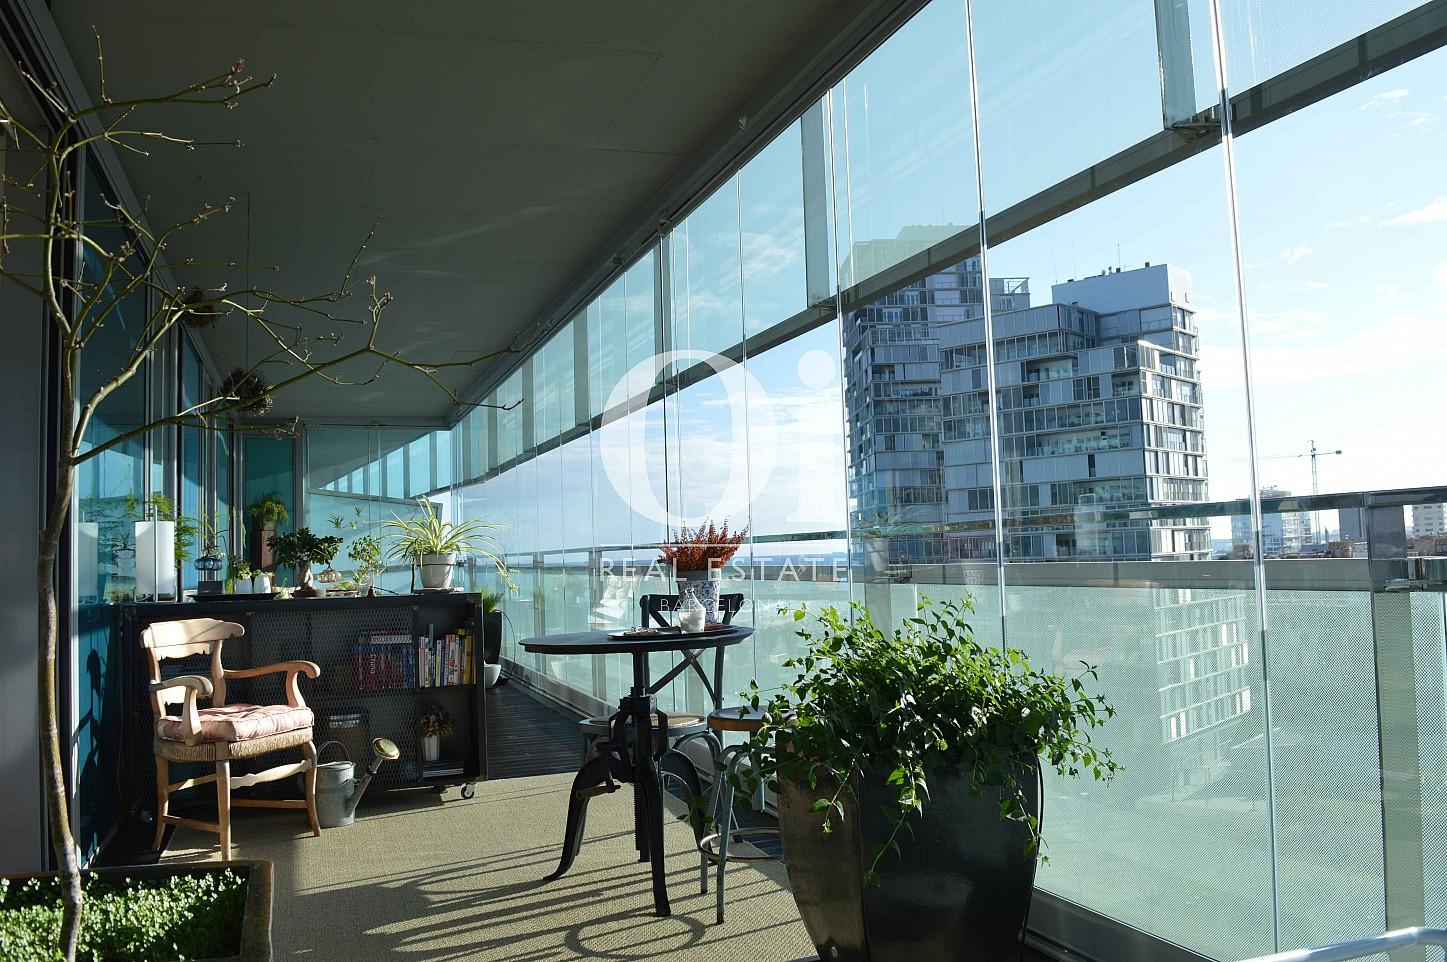 Шикарная терраса с завораживающими видами в апартаментах на продажу в районе Diagonal Mar Барселоны